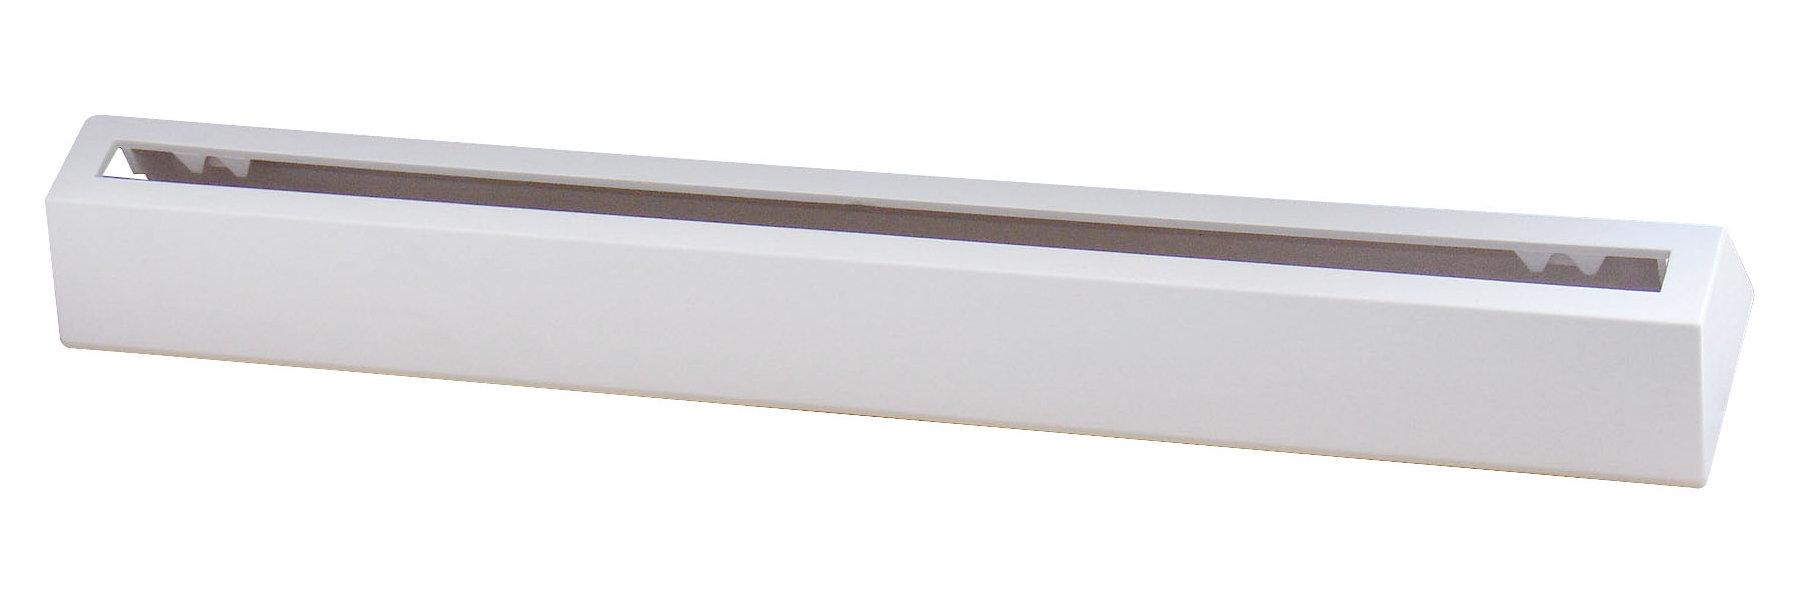 1 Stk weißer Scheibenhalter für KX Leuchte (undurchsichtig) NLKXWE----